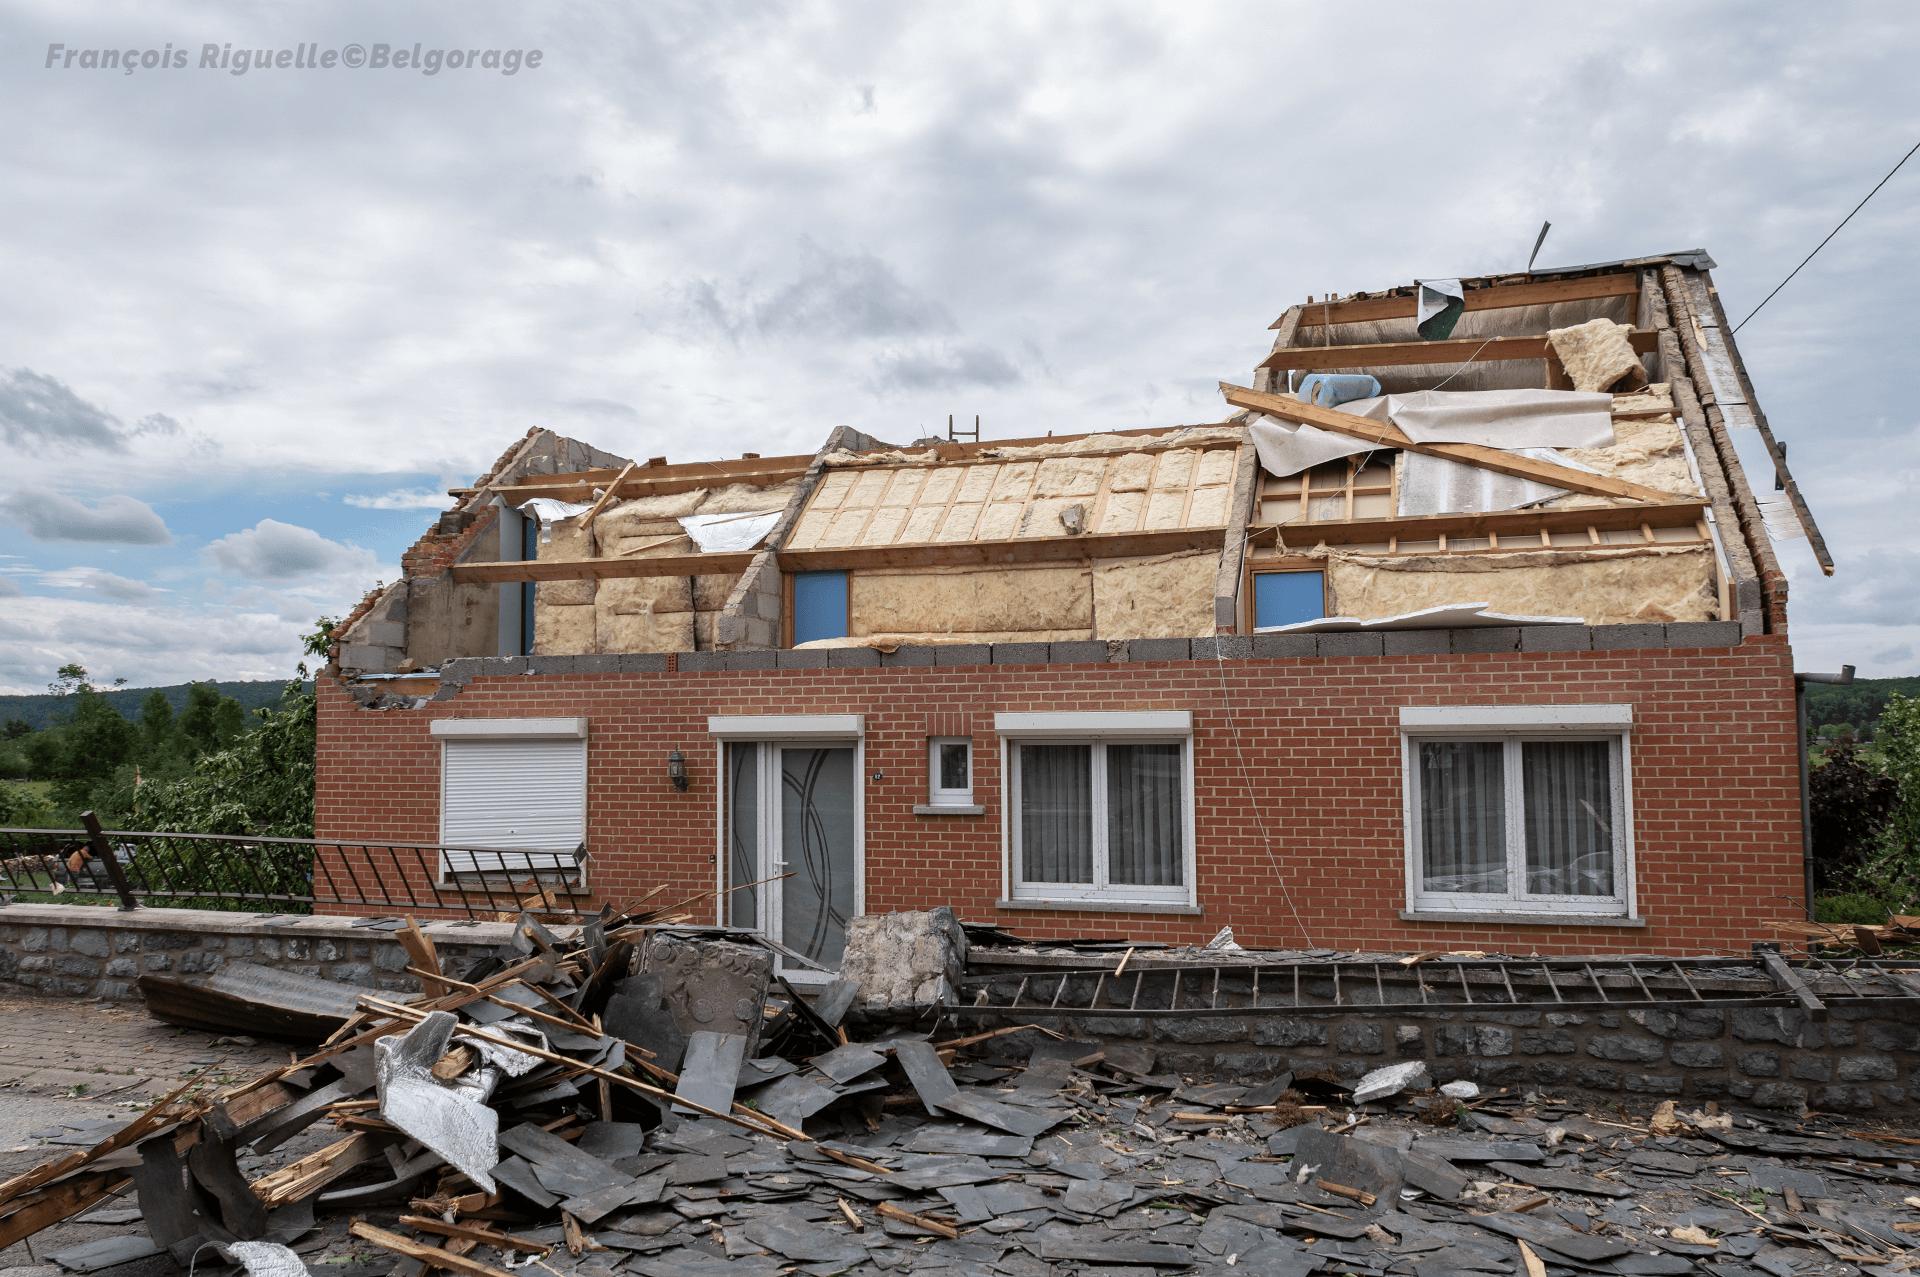 Dégâts observés sur une habitation à Eprave, en province de Namur, suite au passage d'une tornade le 19 juin 2021.